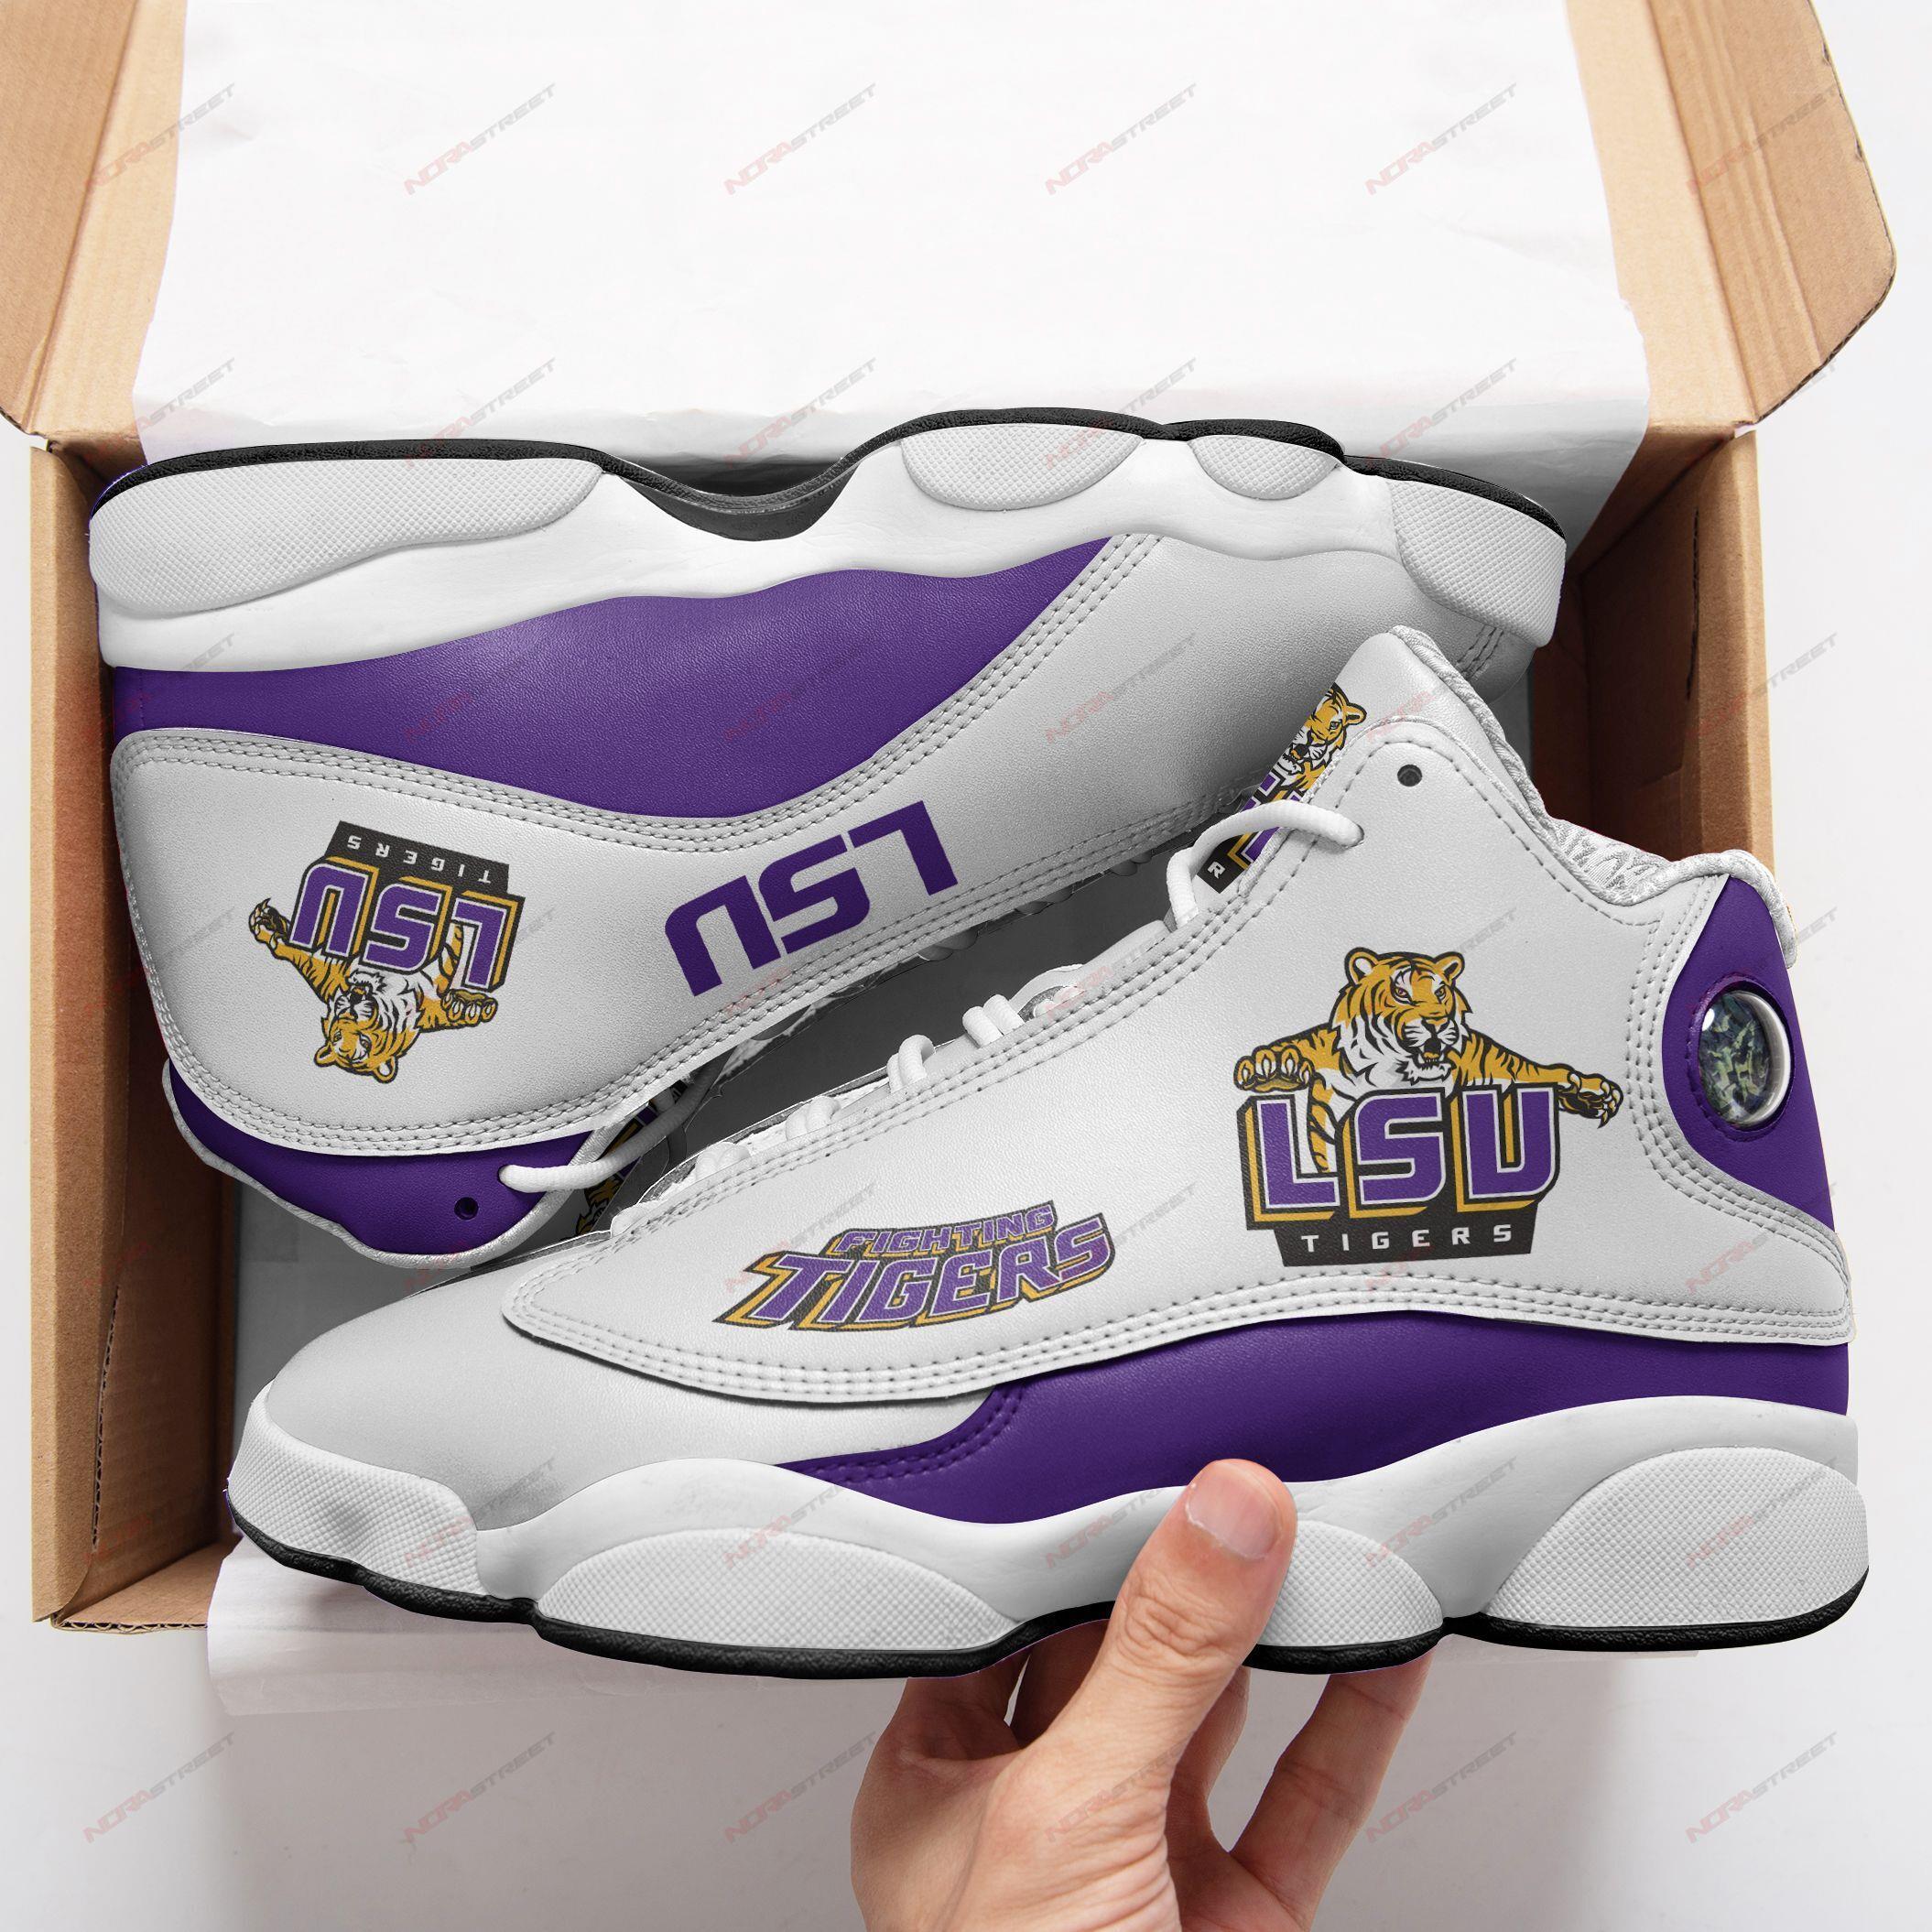 Lsu Tigers Air Jordan 13 Sneakers Sport Shoes Full Size